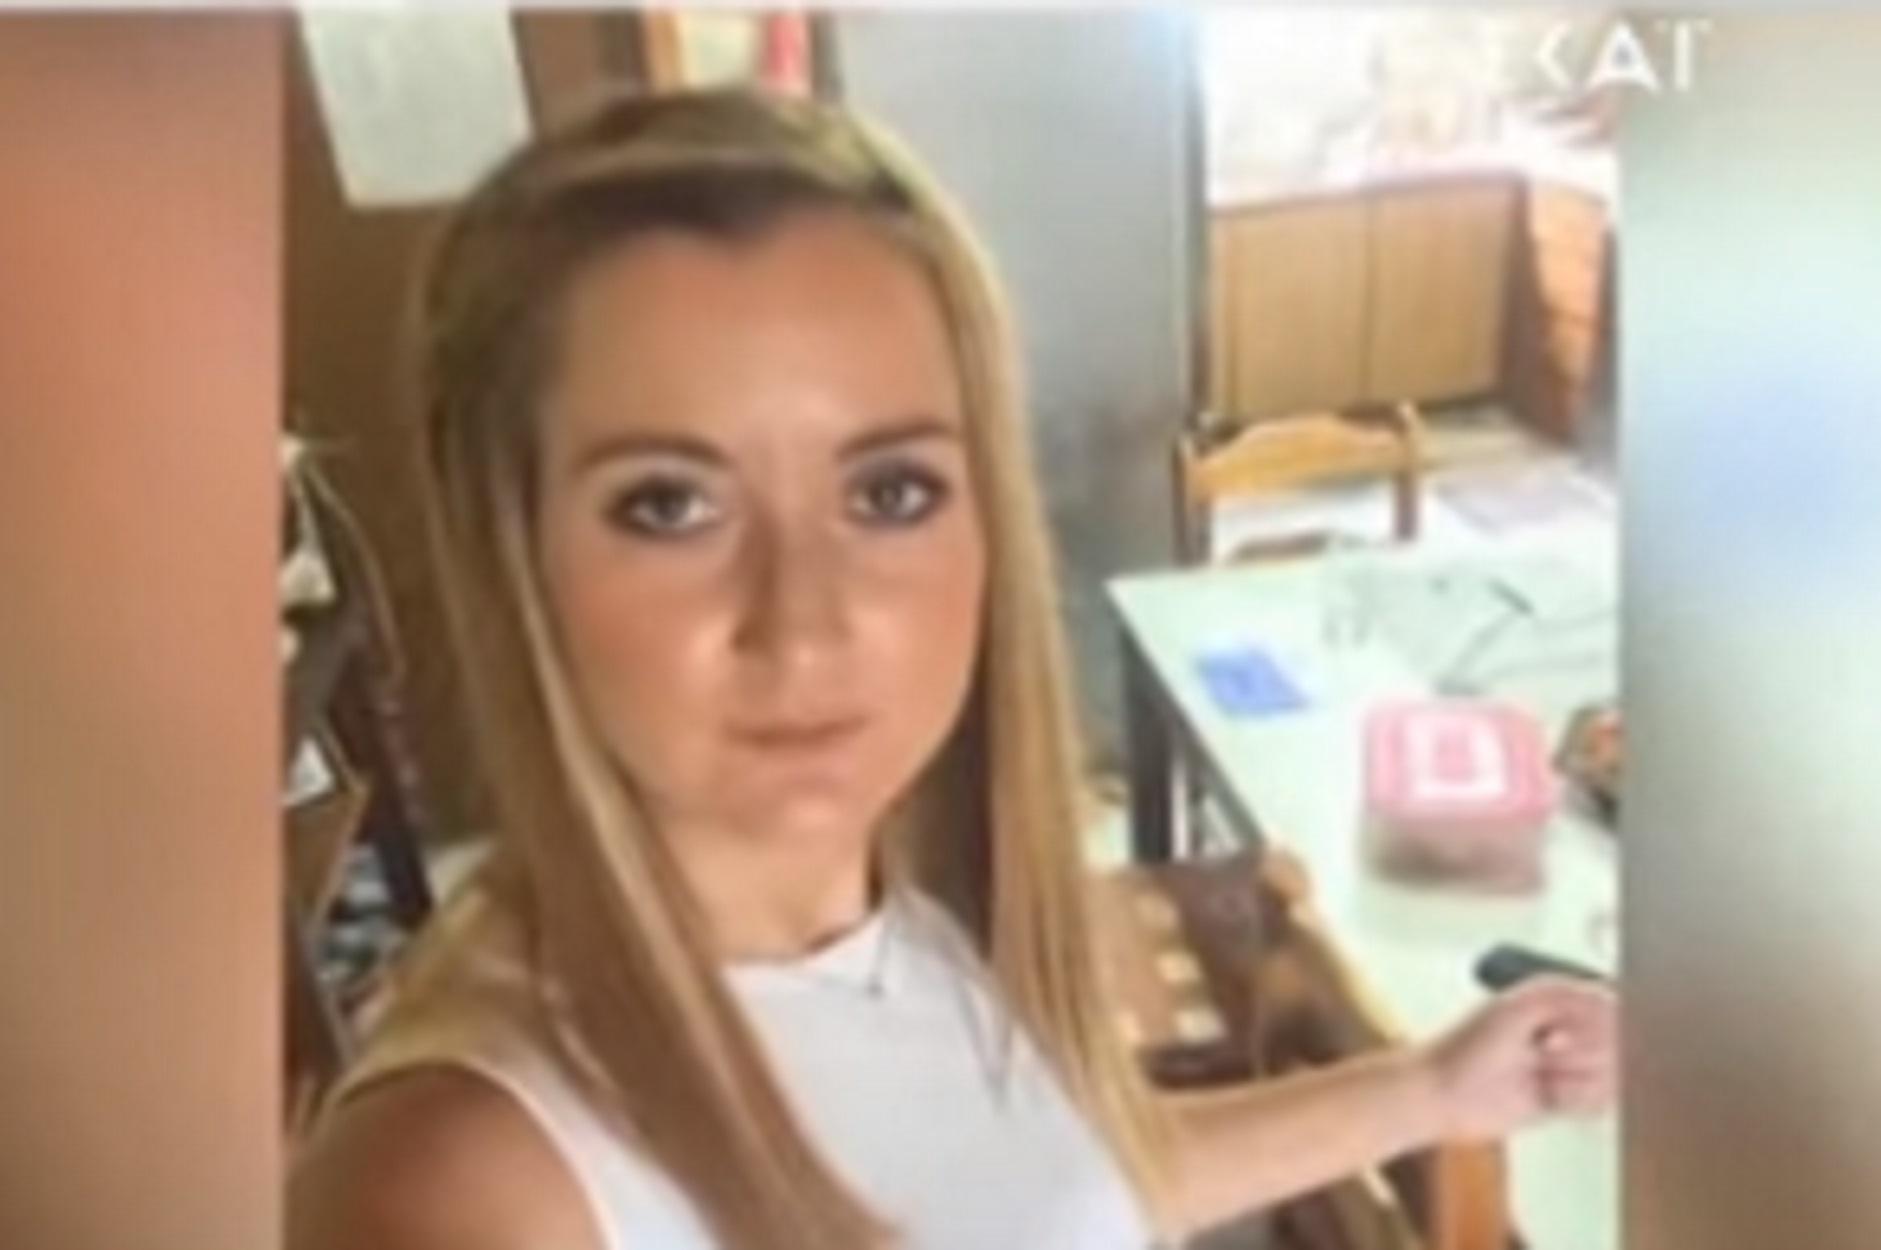 Ηλεία: Στη Δικαιοσύνη η οικογένεια της 27χρονης Δώρας – Όρισε ιατροδικαστή